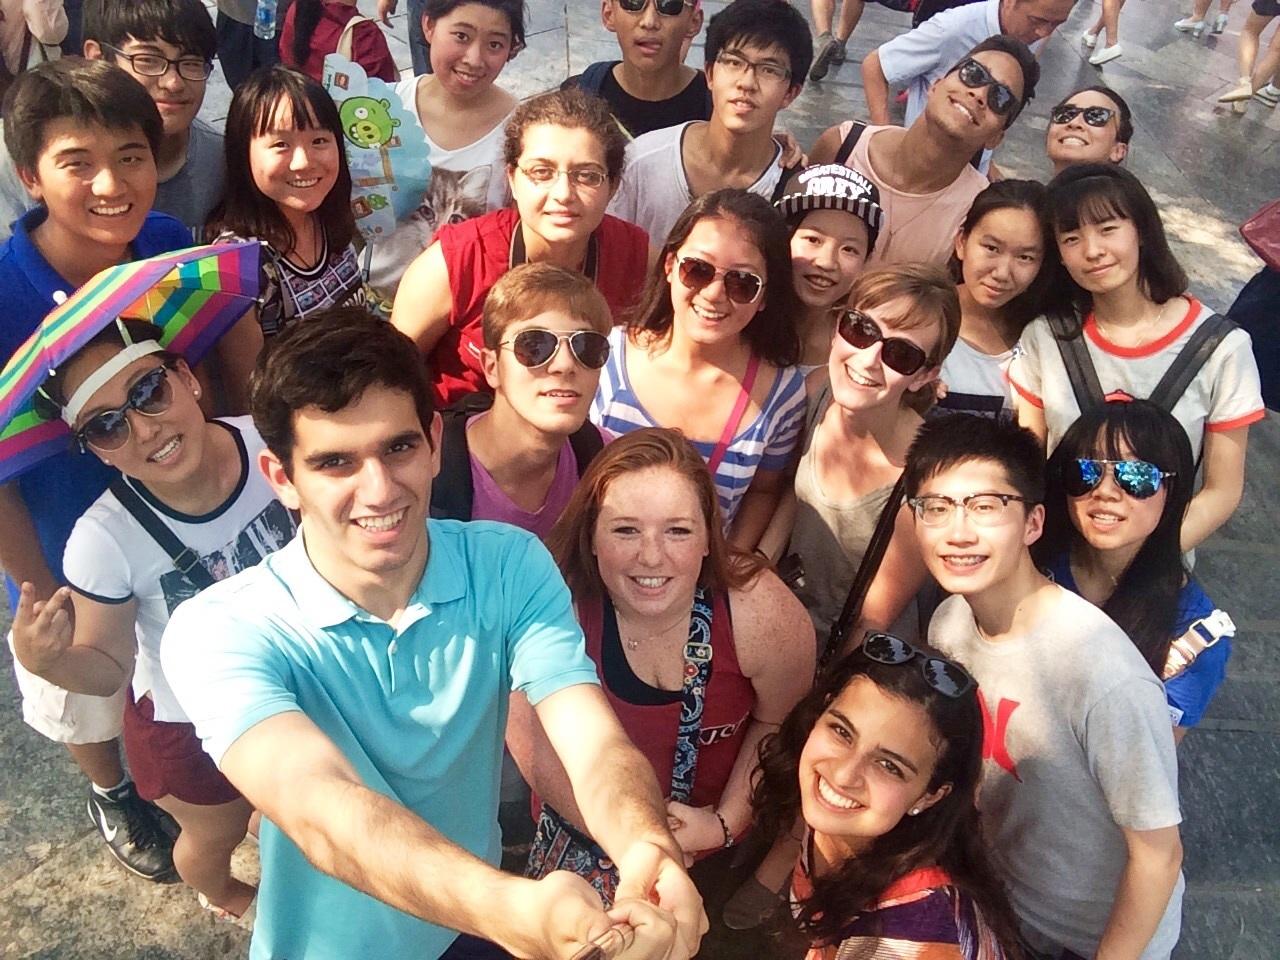 Beijing_Forbidden City_Group Selfie 1.jpg